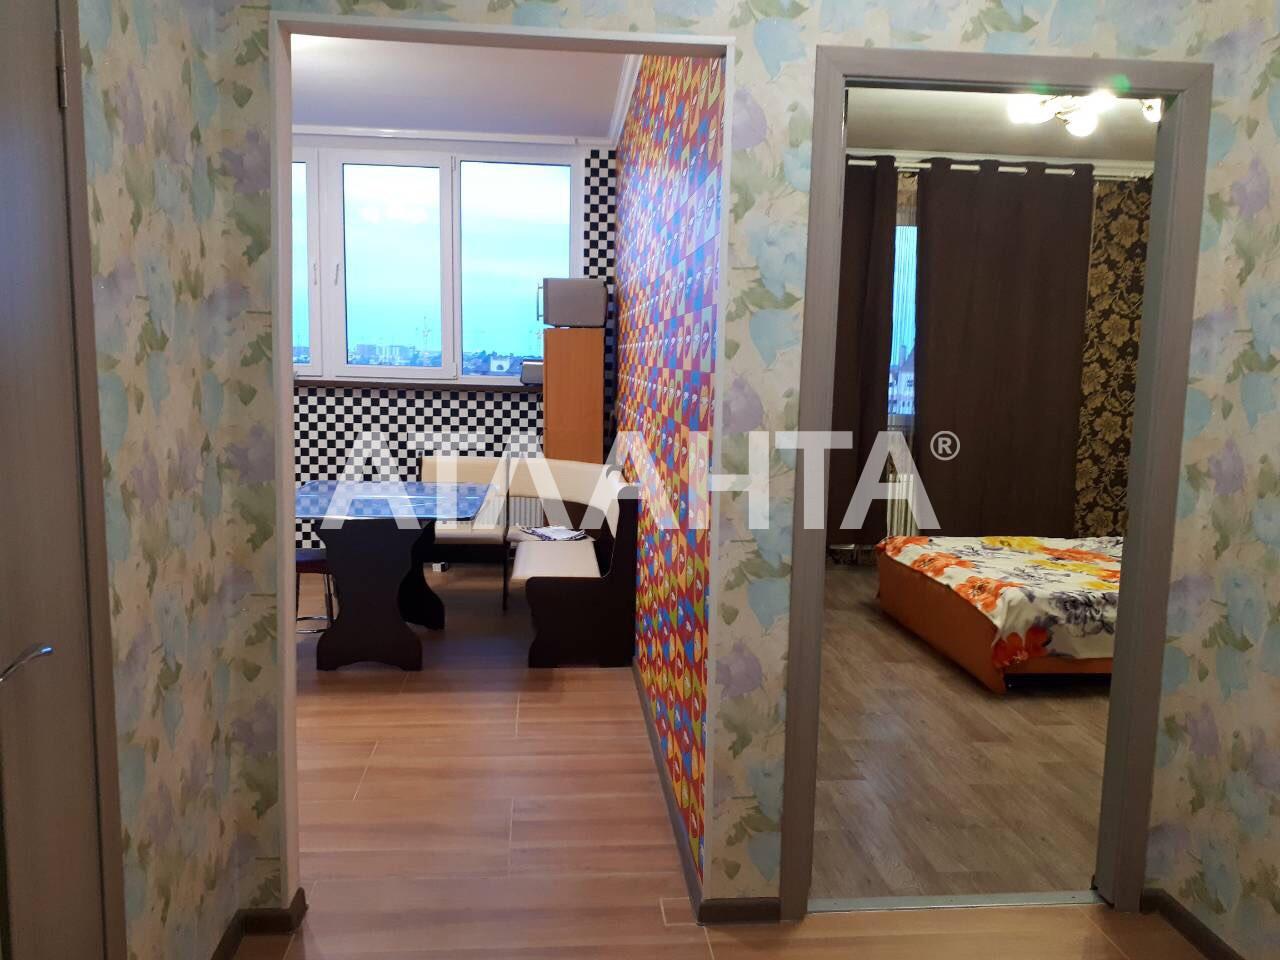 Продается 1-комнатная Квартира на ул. Марсельская — 35 000 у.е. (фото №5)